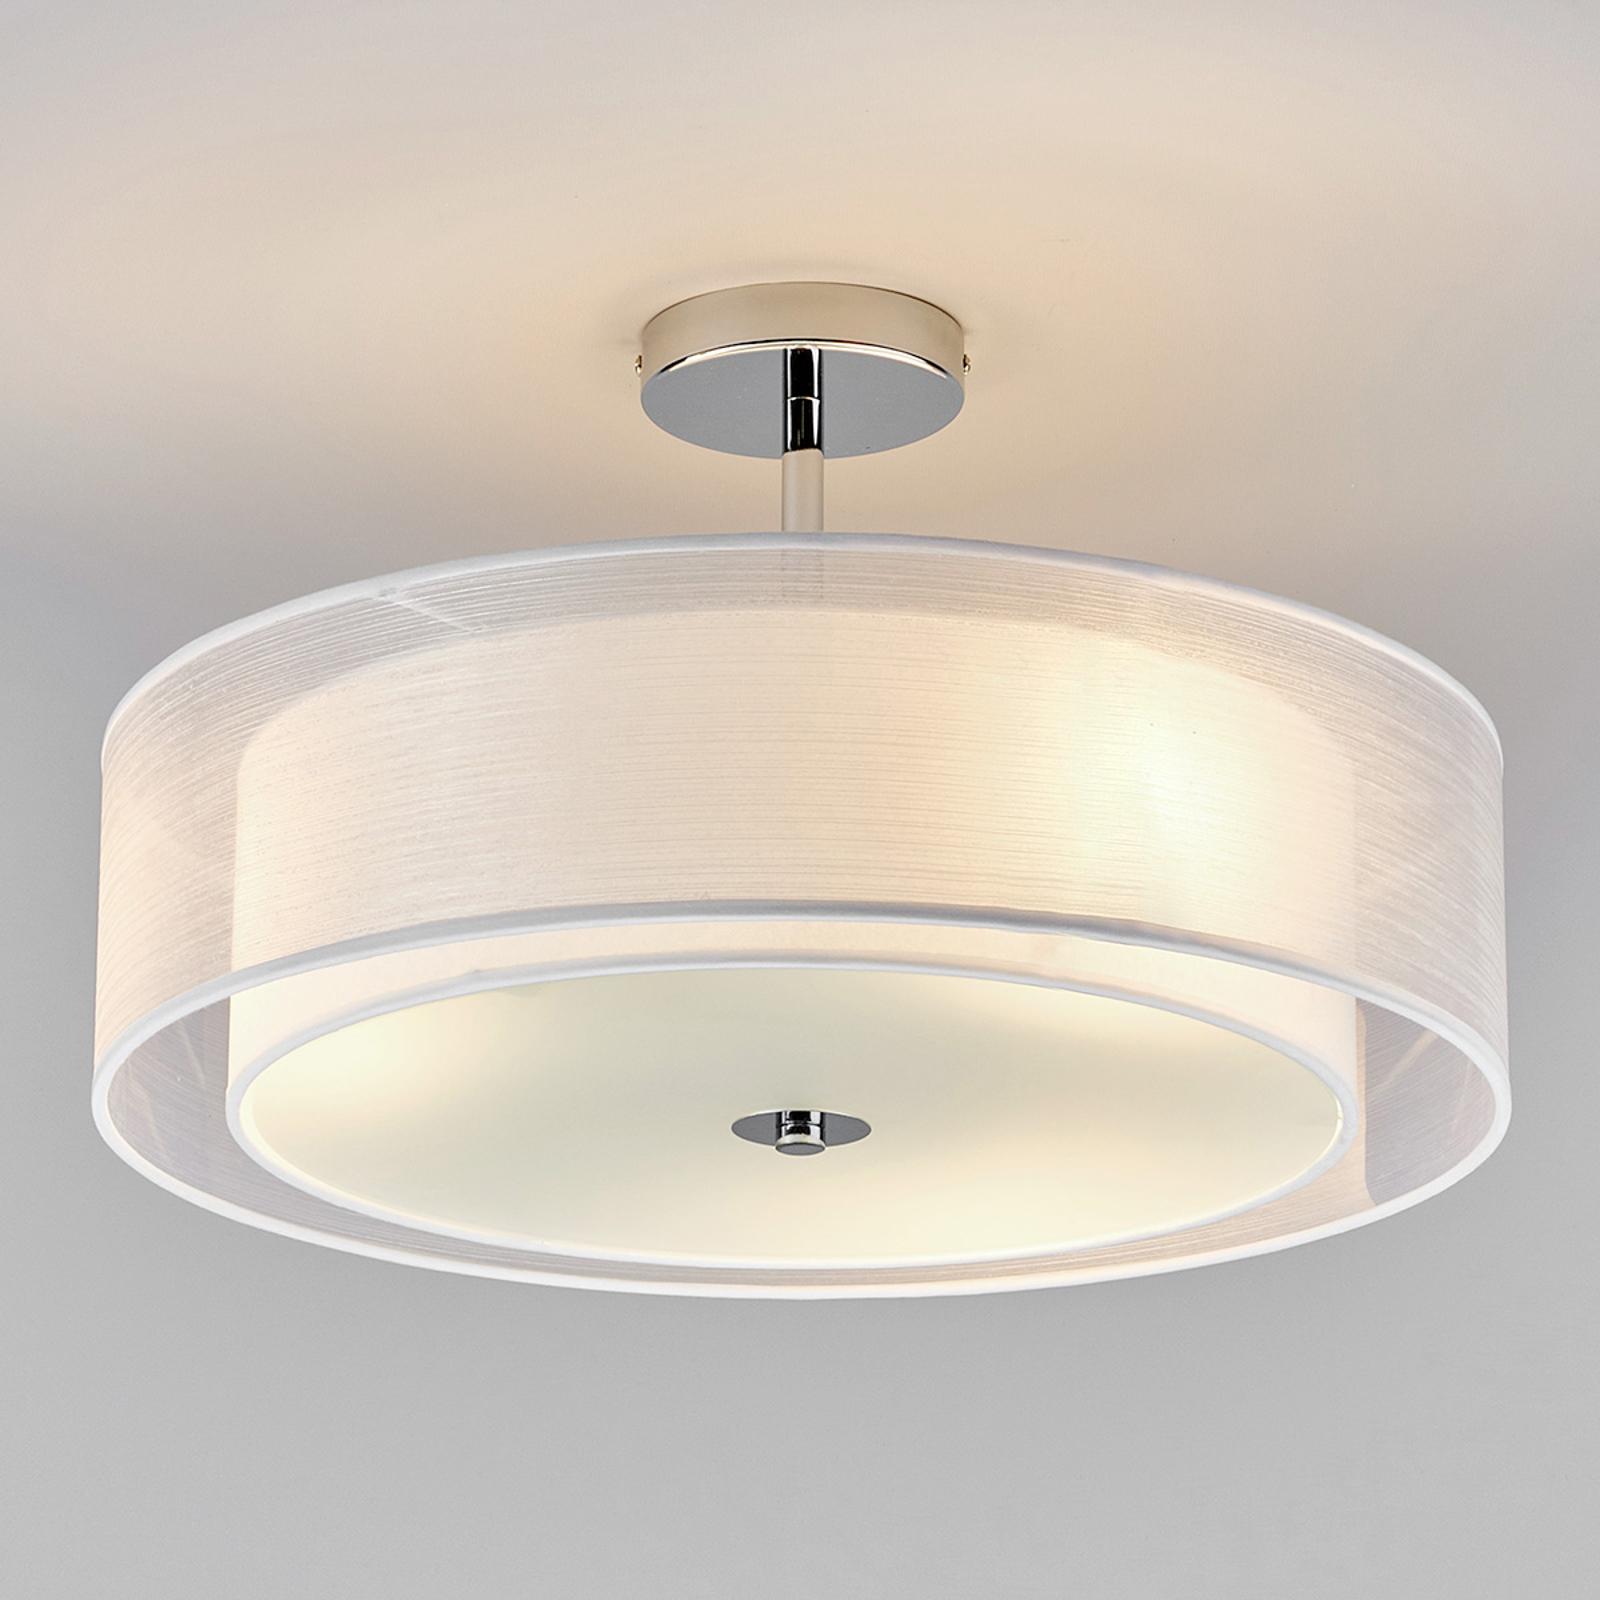 LED-plafondlamp Pikka met witte kap